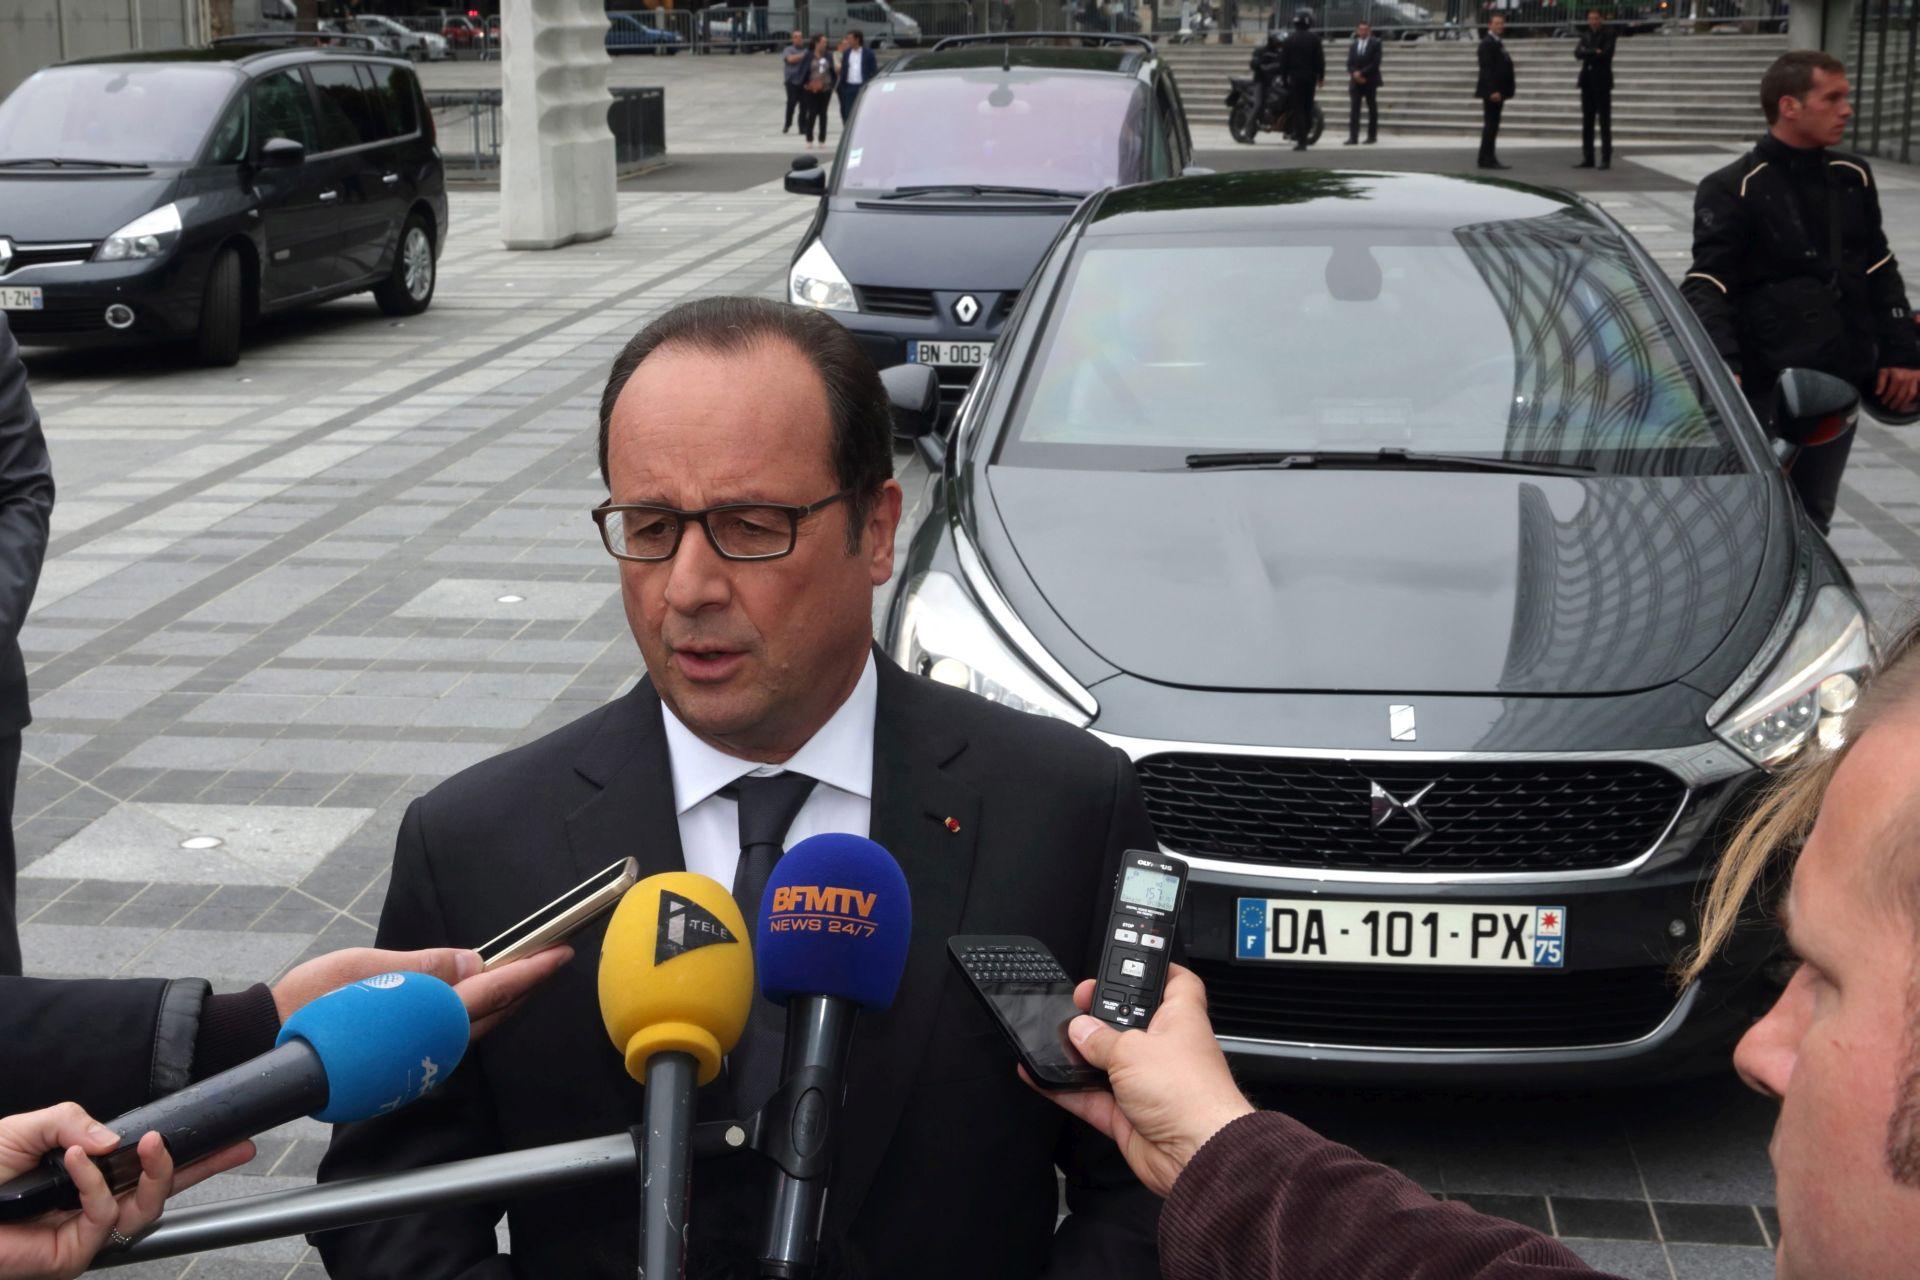 NAKON REFERENDUMA Grčki premijer razgovarao s Hollandeom